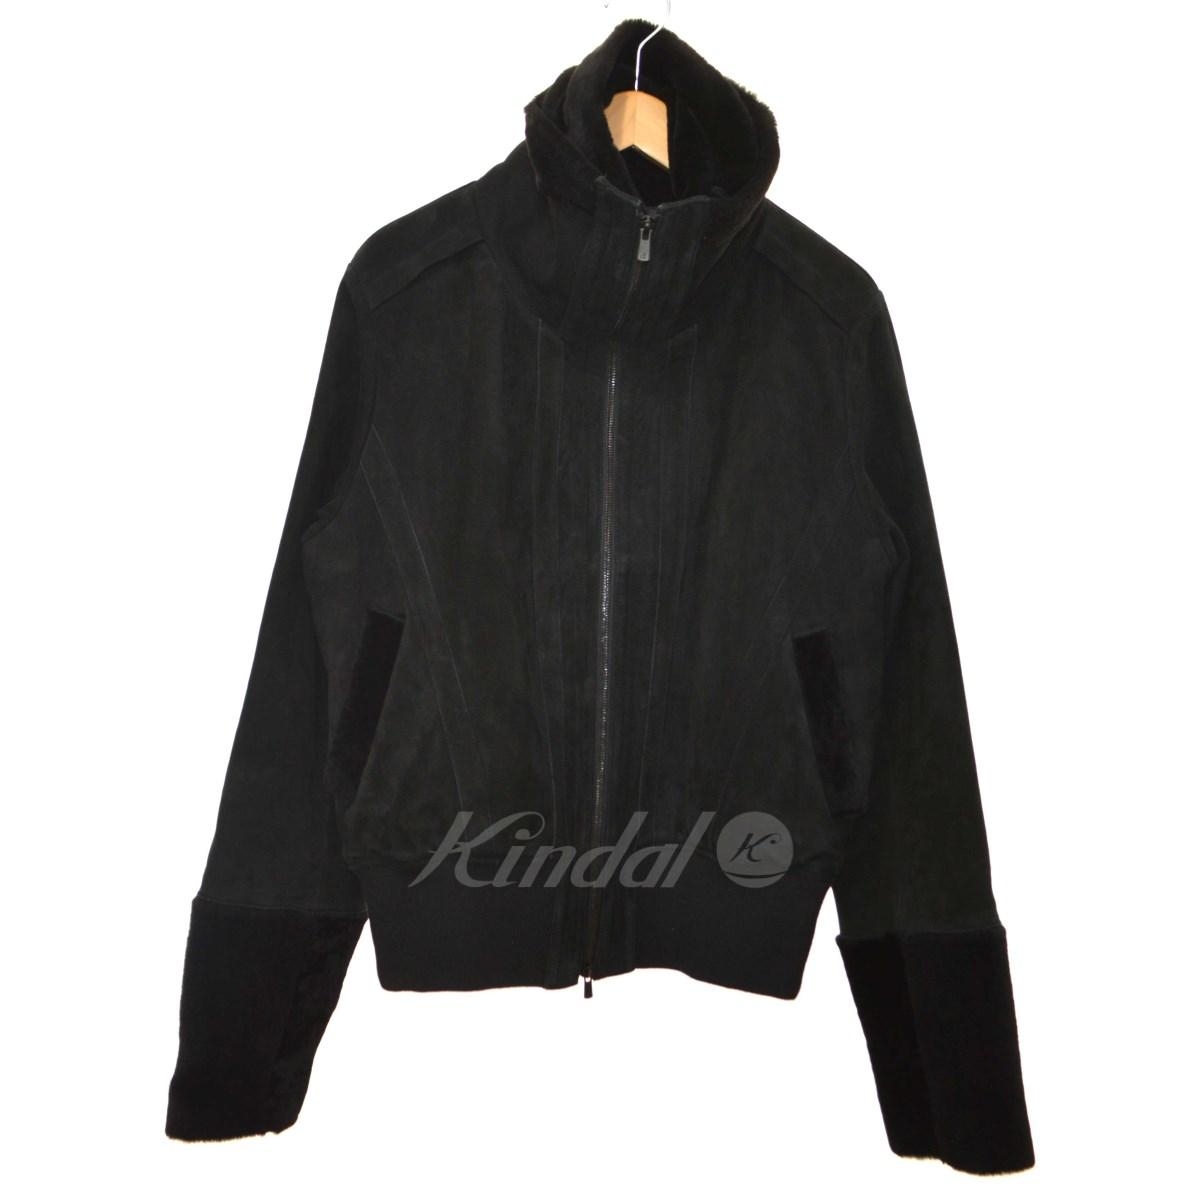 【中古】A.F homme ハイネックラムスウェードレザージャケット ブラック サイズ:3 【送料無料】 【281018】(A.F homme)